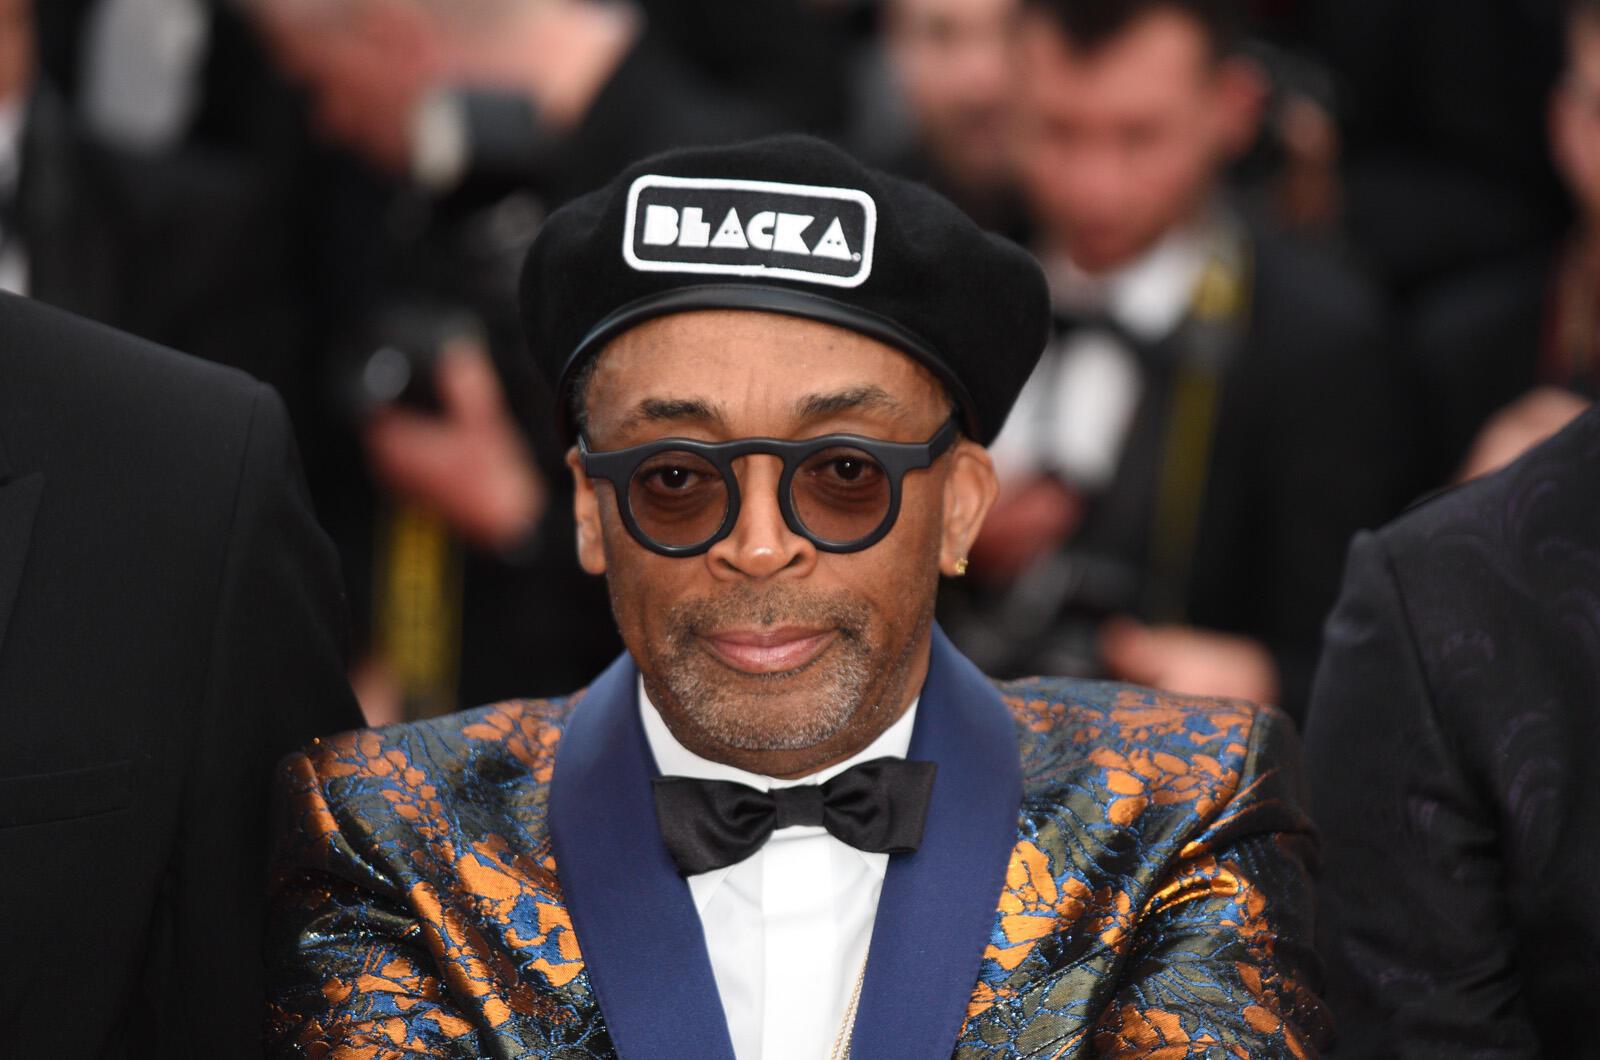 Le réalisateur américain Spike Lee est sur la Croisette pour présenter son dernier film, 'BlacKkKlansman', en compétition. Ce long-métrage raconte l'histoire vraie d'un policier noir qui a infiltré l'organisation du Ku Klux Klan.